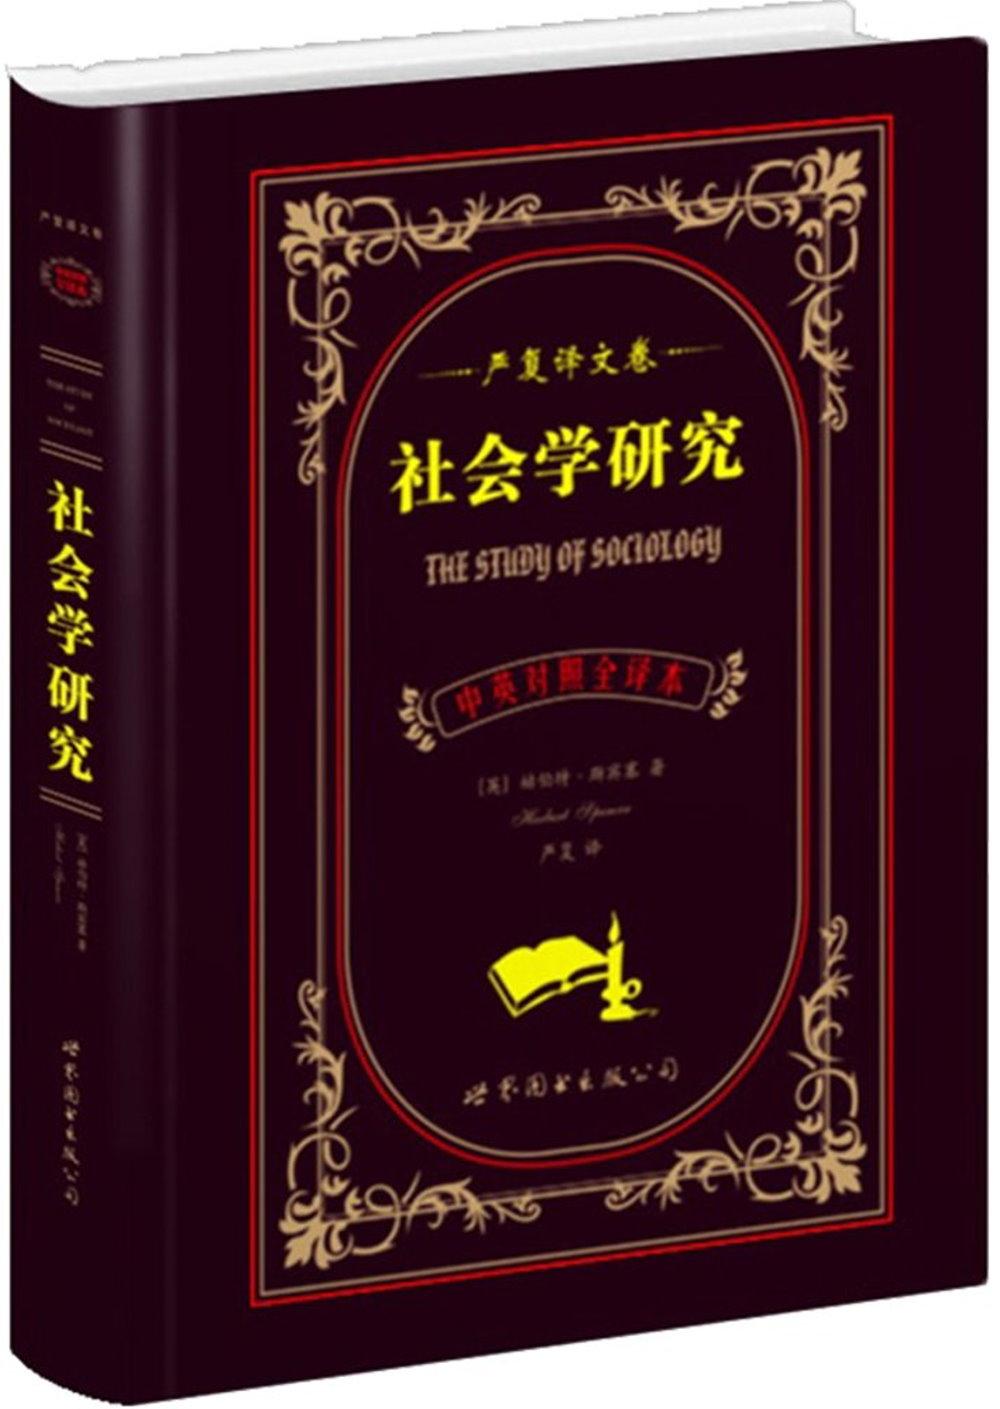 社會學研究·嚴復譯文卷(中英對照全譯本)